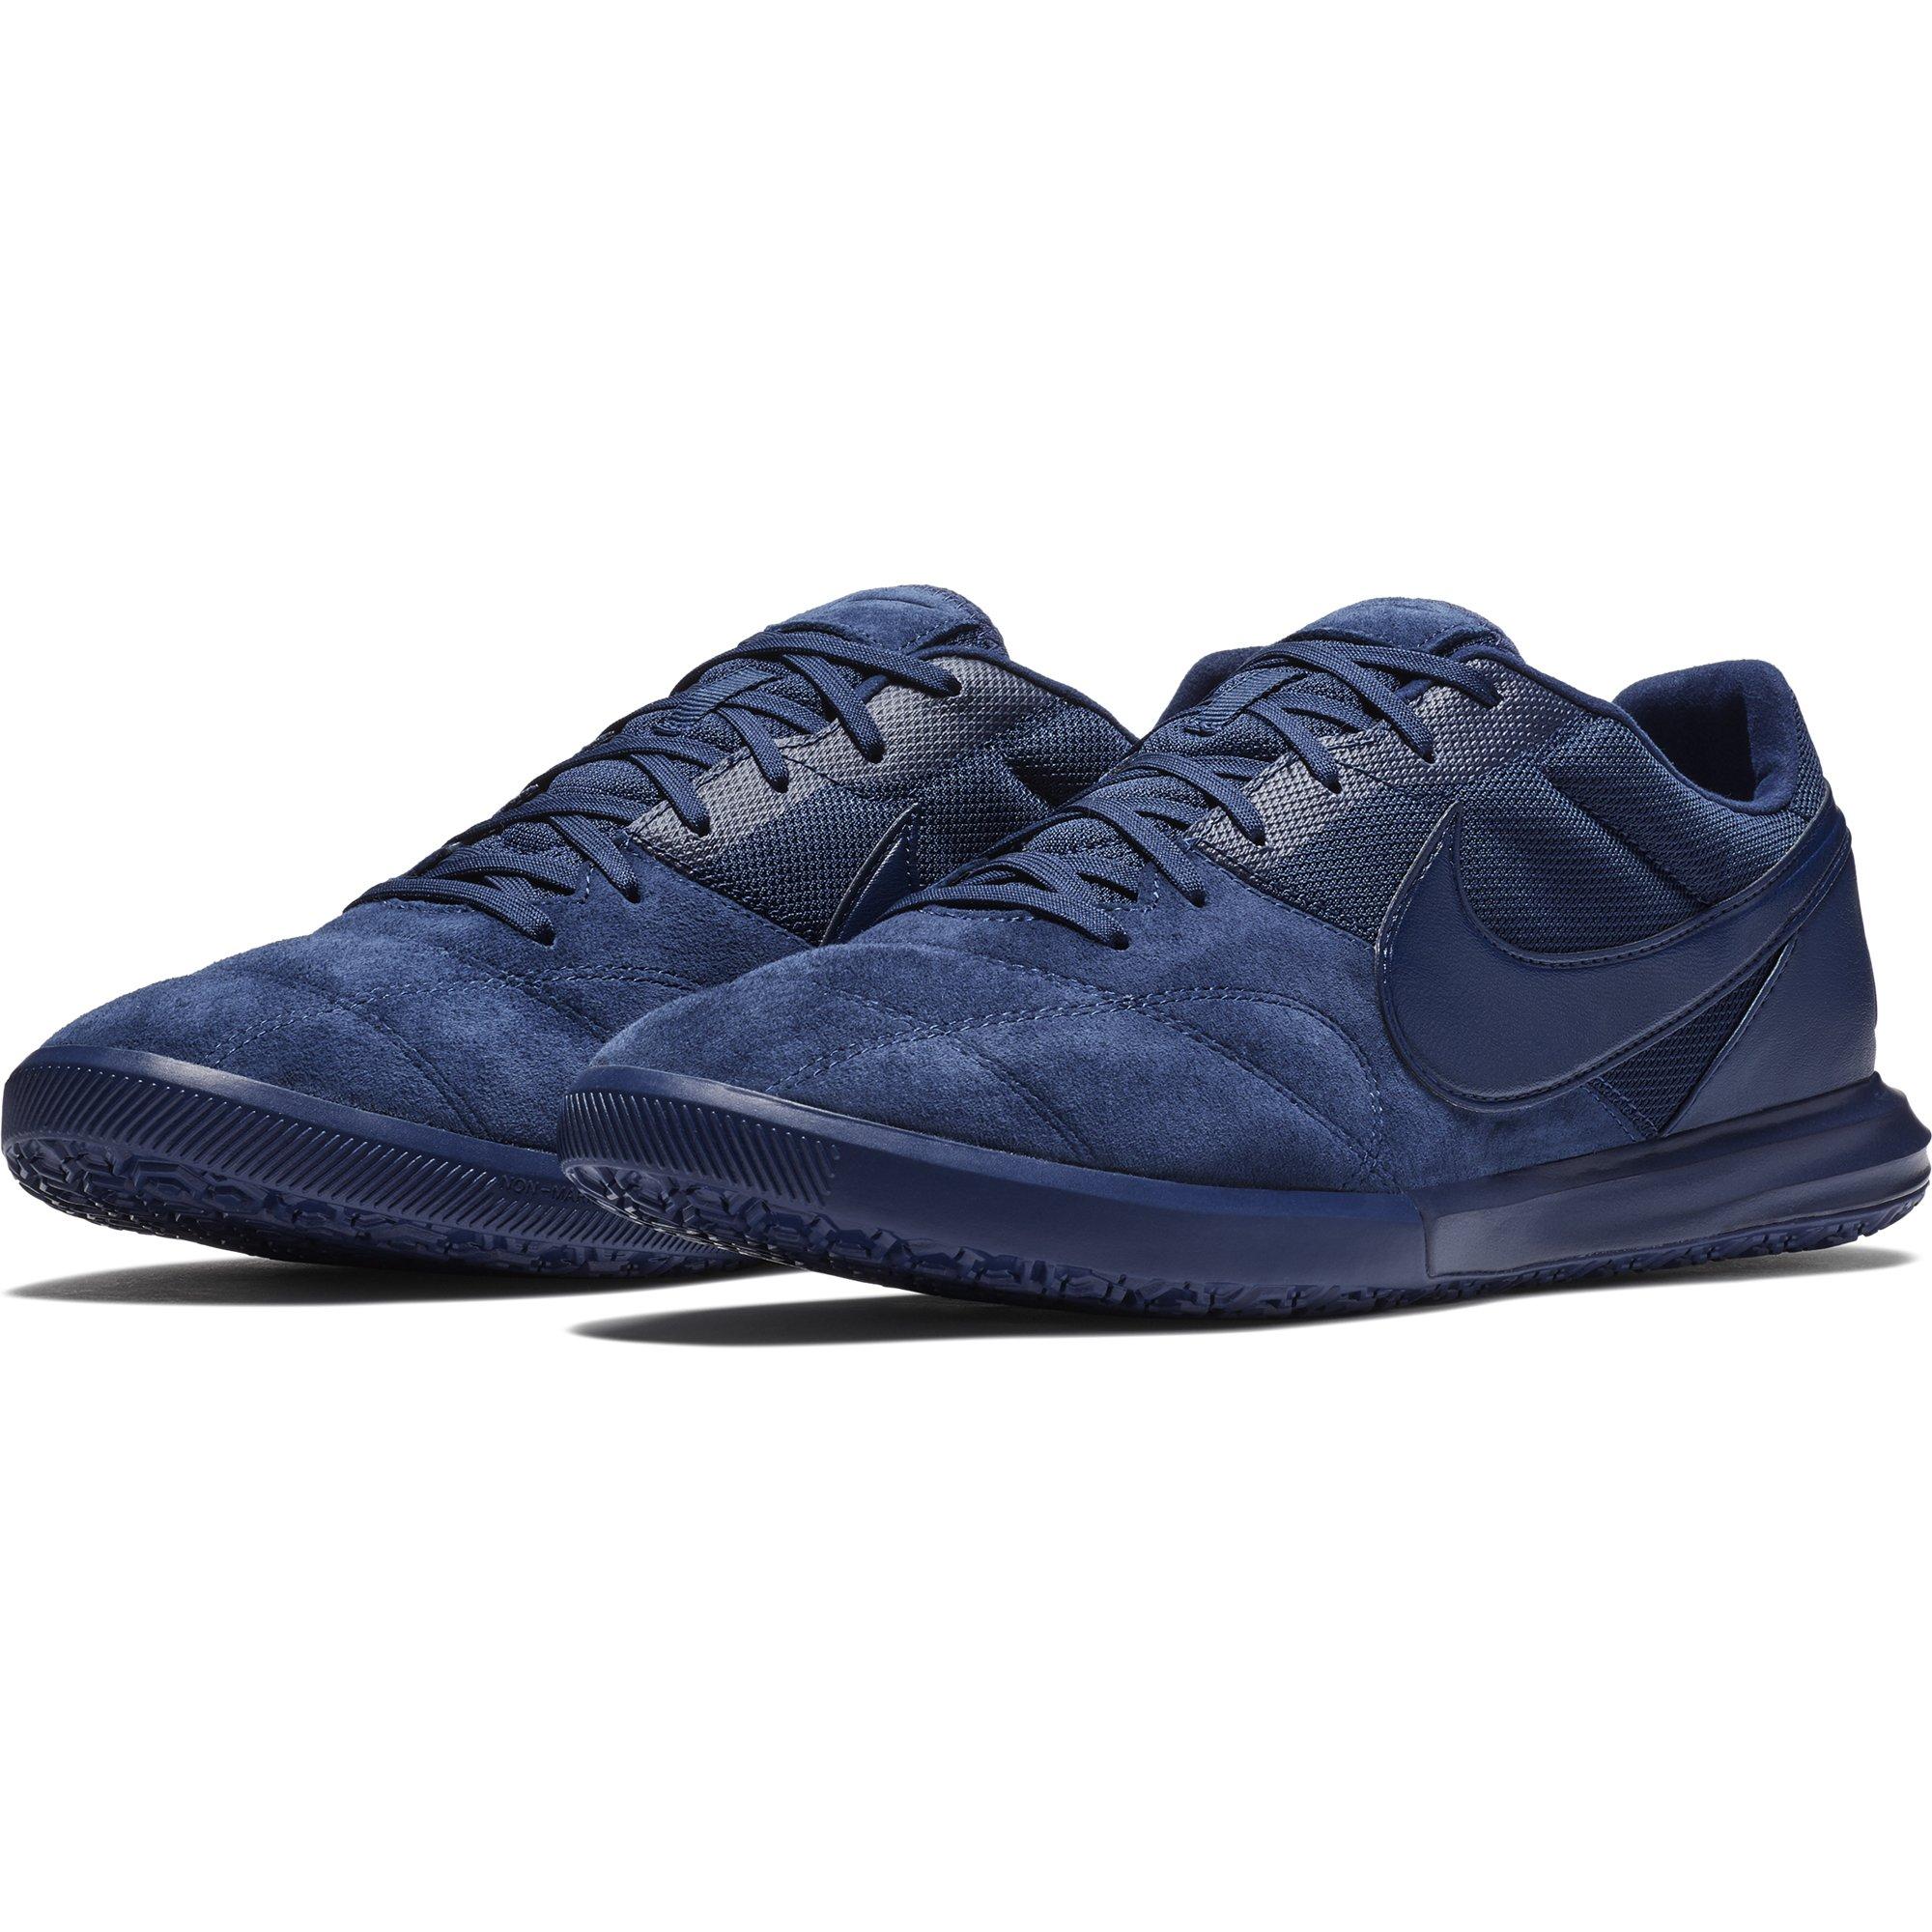 Зальные бутсы Nike Tiempo Premier II Sala